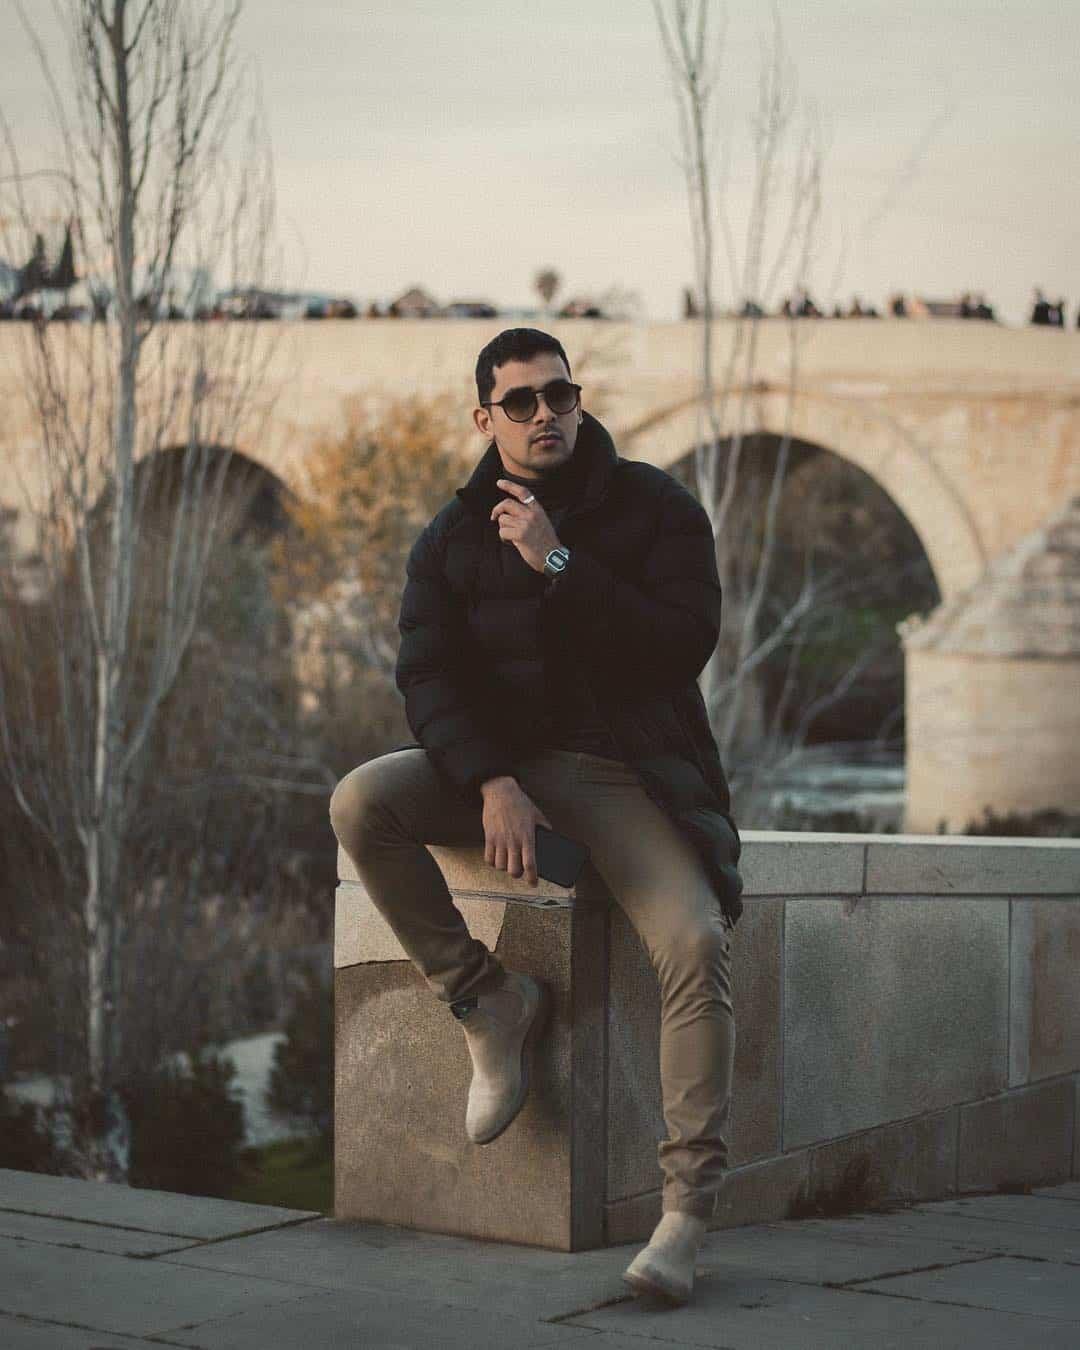 Herrenmode 2021: Top 6 Herrenmode-Trends 2021 für stilvolle Herren